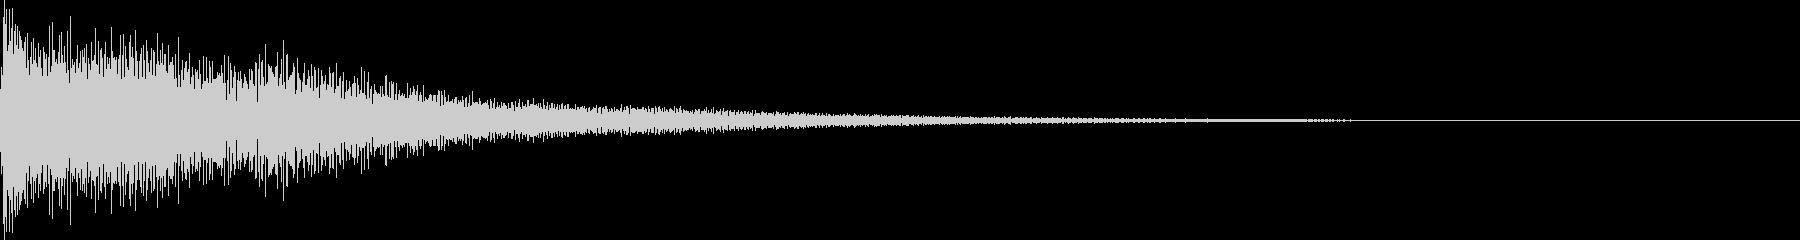 PIANO サウンドロゴ シリアスの未再生の波形